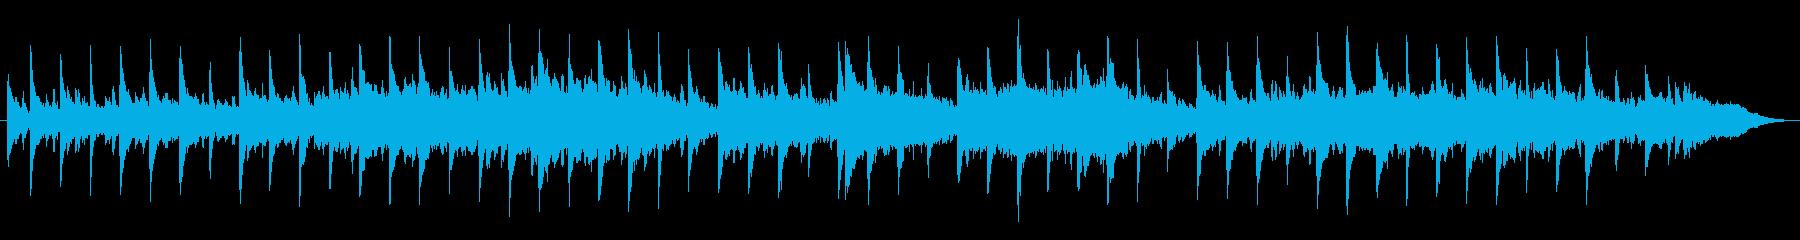 企業VP・CM・透明感・涼しい・60秒の再生済みの波形